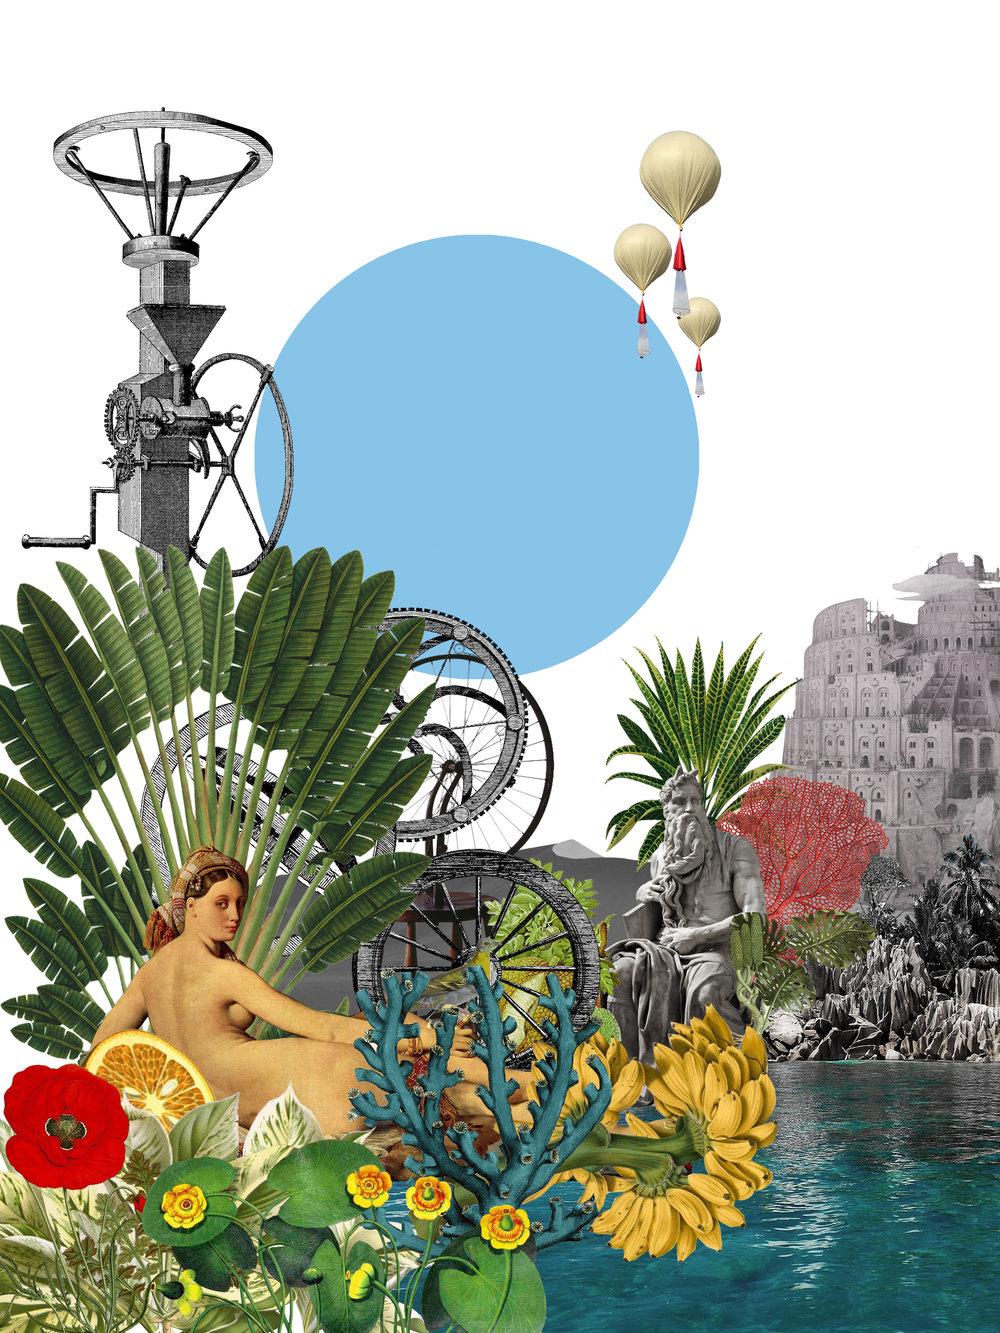 La gente podrá profesar la religión que desee; sin embargo, los días feriados girarán en torno a prácticas que la propia isla inventará. Para ello, Mai-Thu Perret, junto a Adrián Villar Rojas, crearán nuevas deidades, idearán rituales sagrados y difundirán misticismos locales.